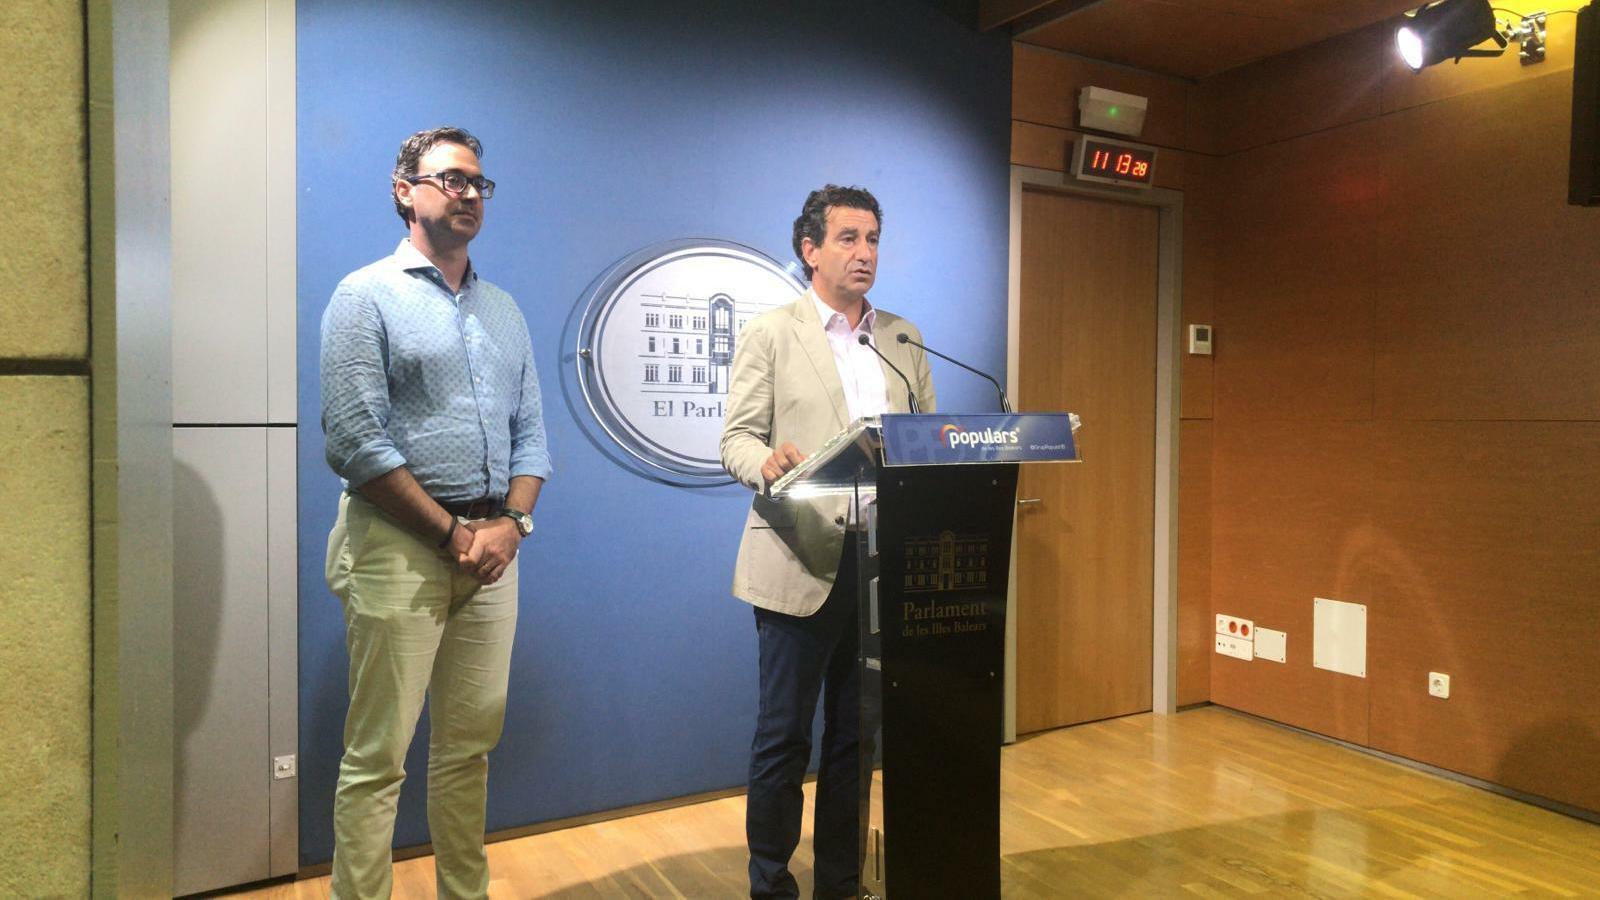 Els diputats del PP Toni Costa i Biel Company han comparegut davant dels mitjans aquest dijous